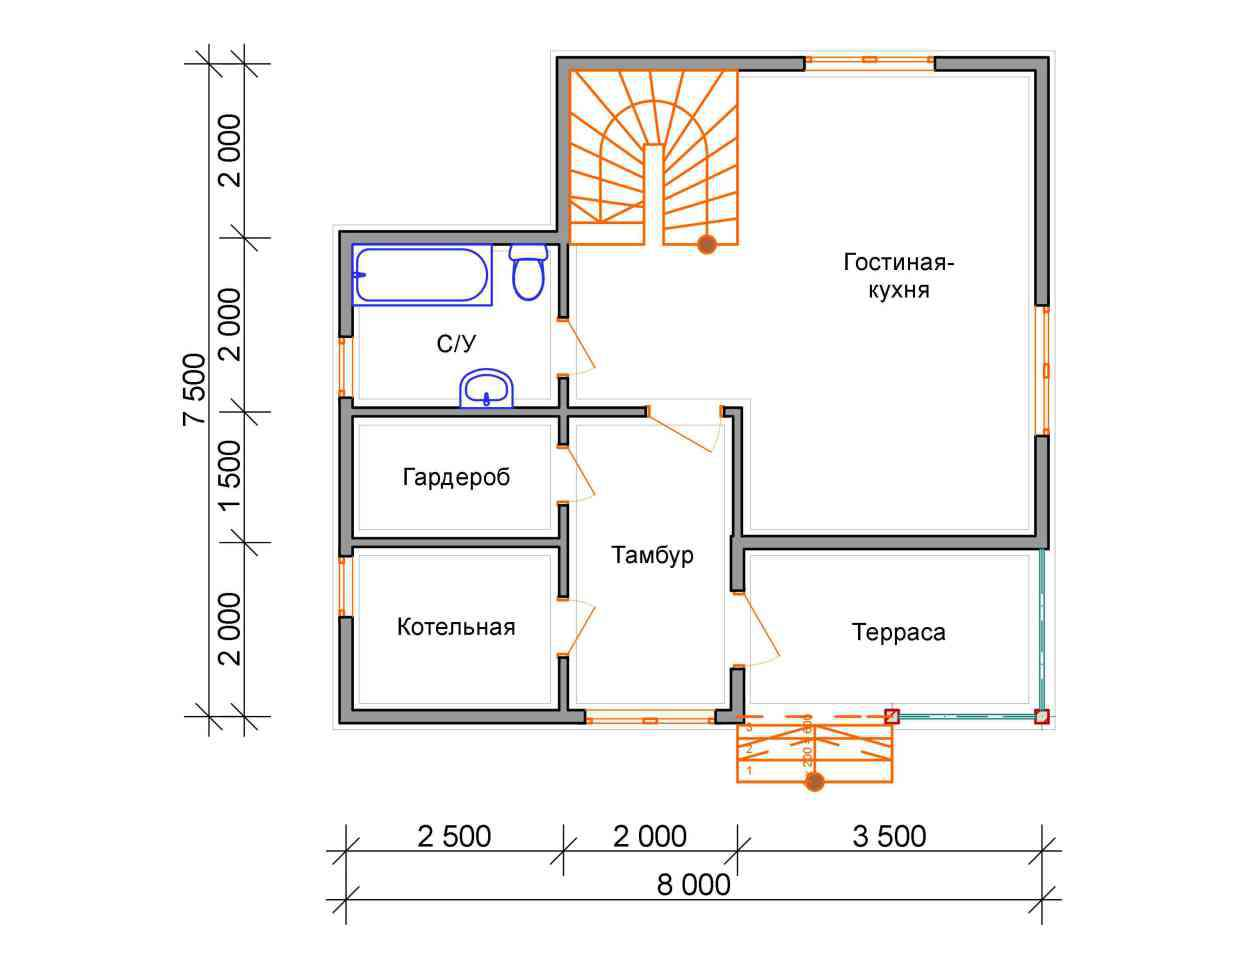 Проект дома из бруса 7,5 х 8 м «Васильевское» - план 1 этаж